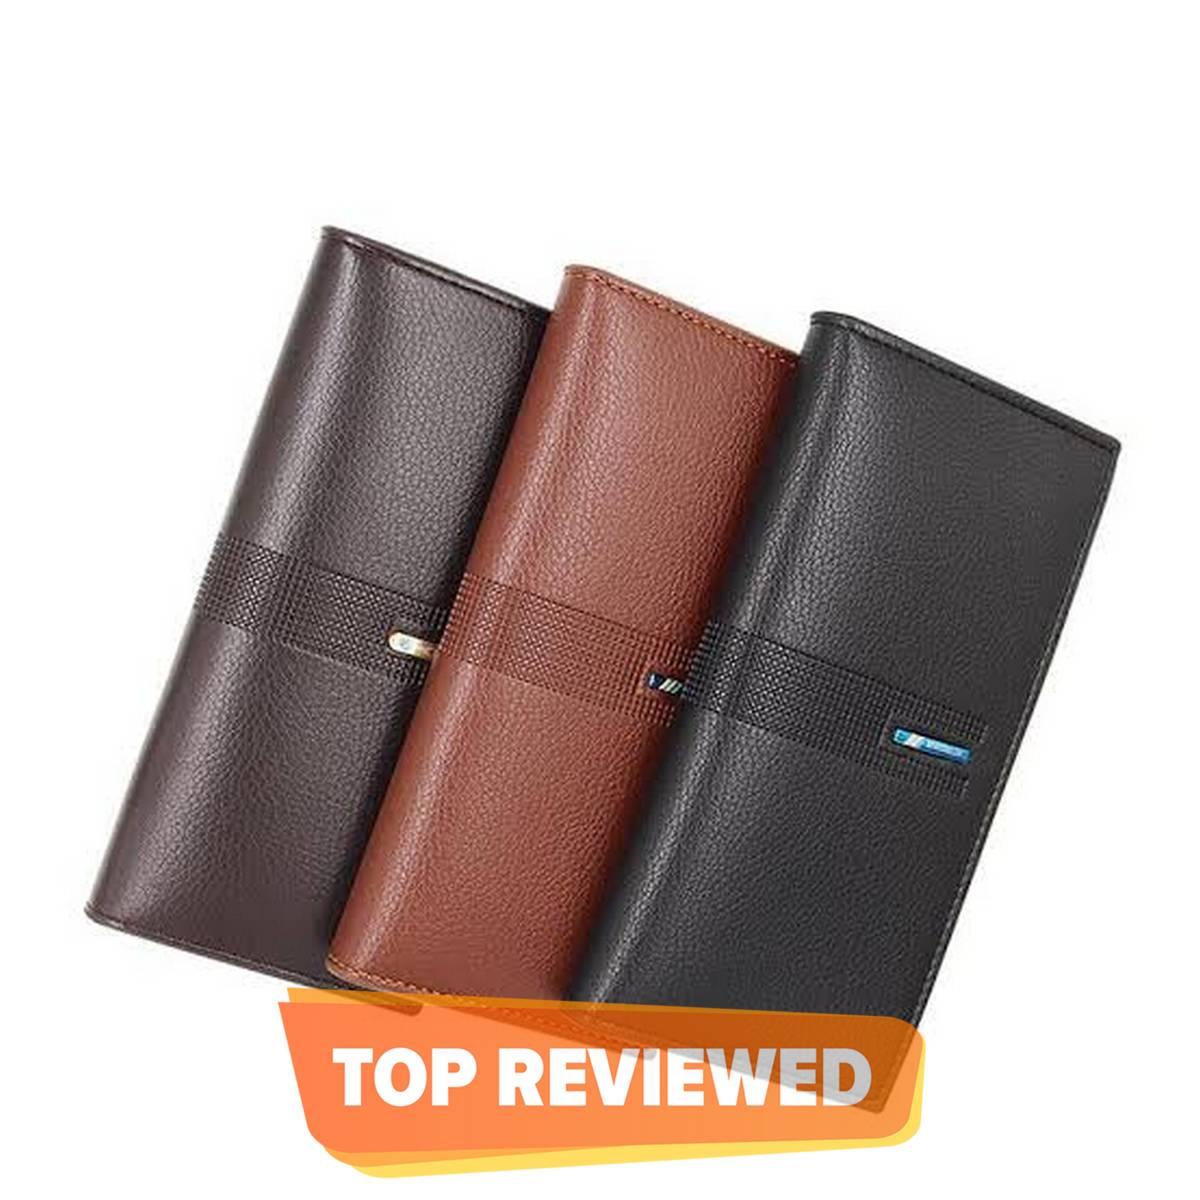 Leather Long Wallet For Men Slim Money Mobile Wallet Card Holder-Brown